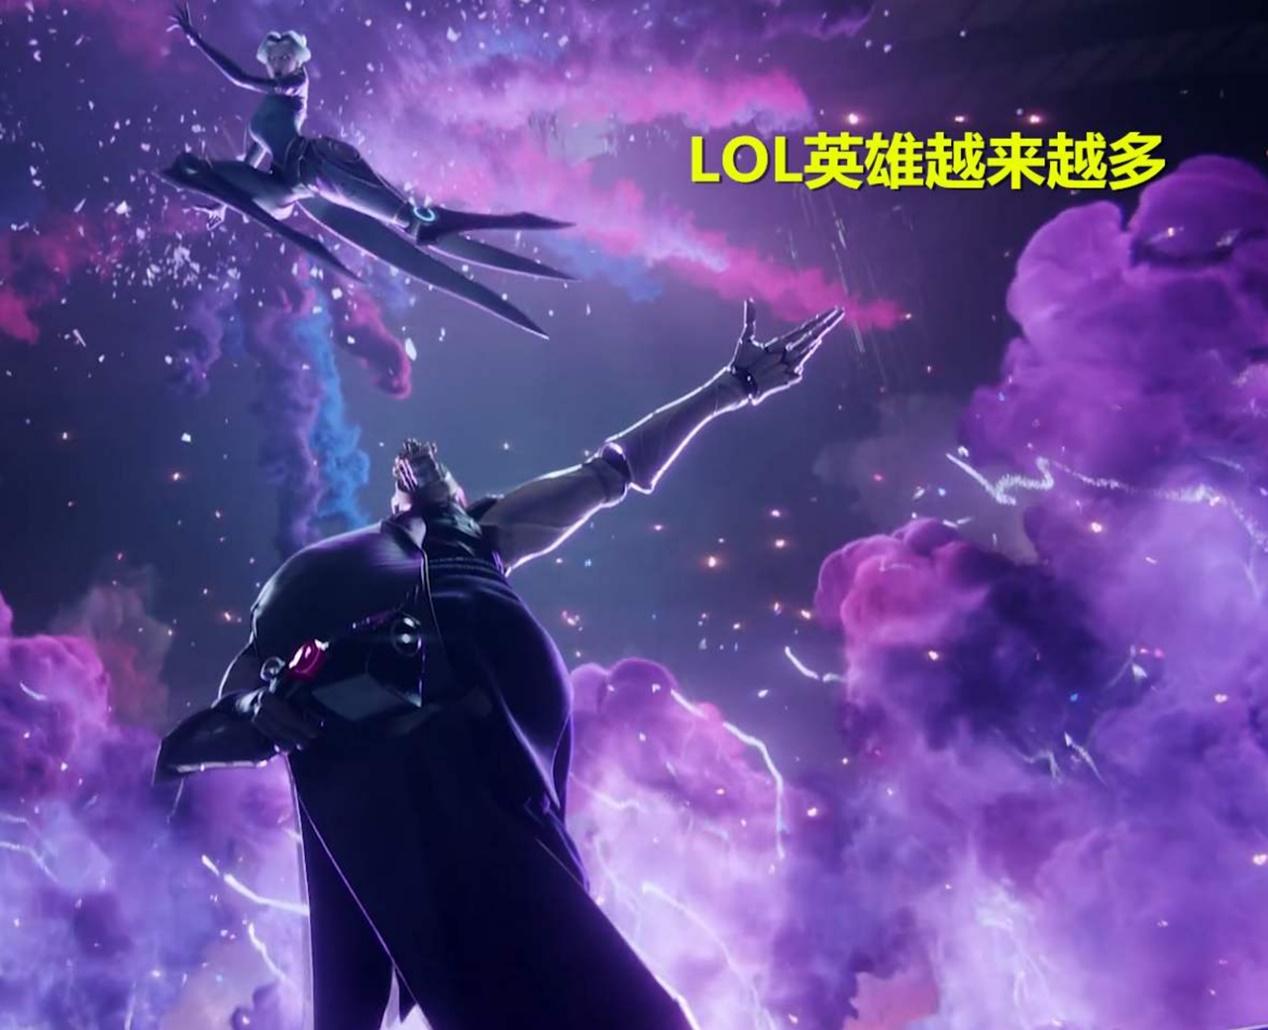 英雄联盟:对于后续版本的展望,设计师预计将会用两点,来掣肘新英雄的OP属性